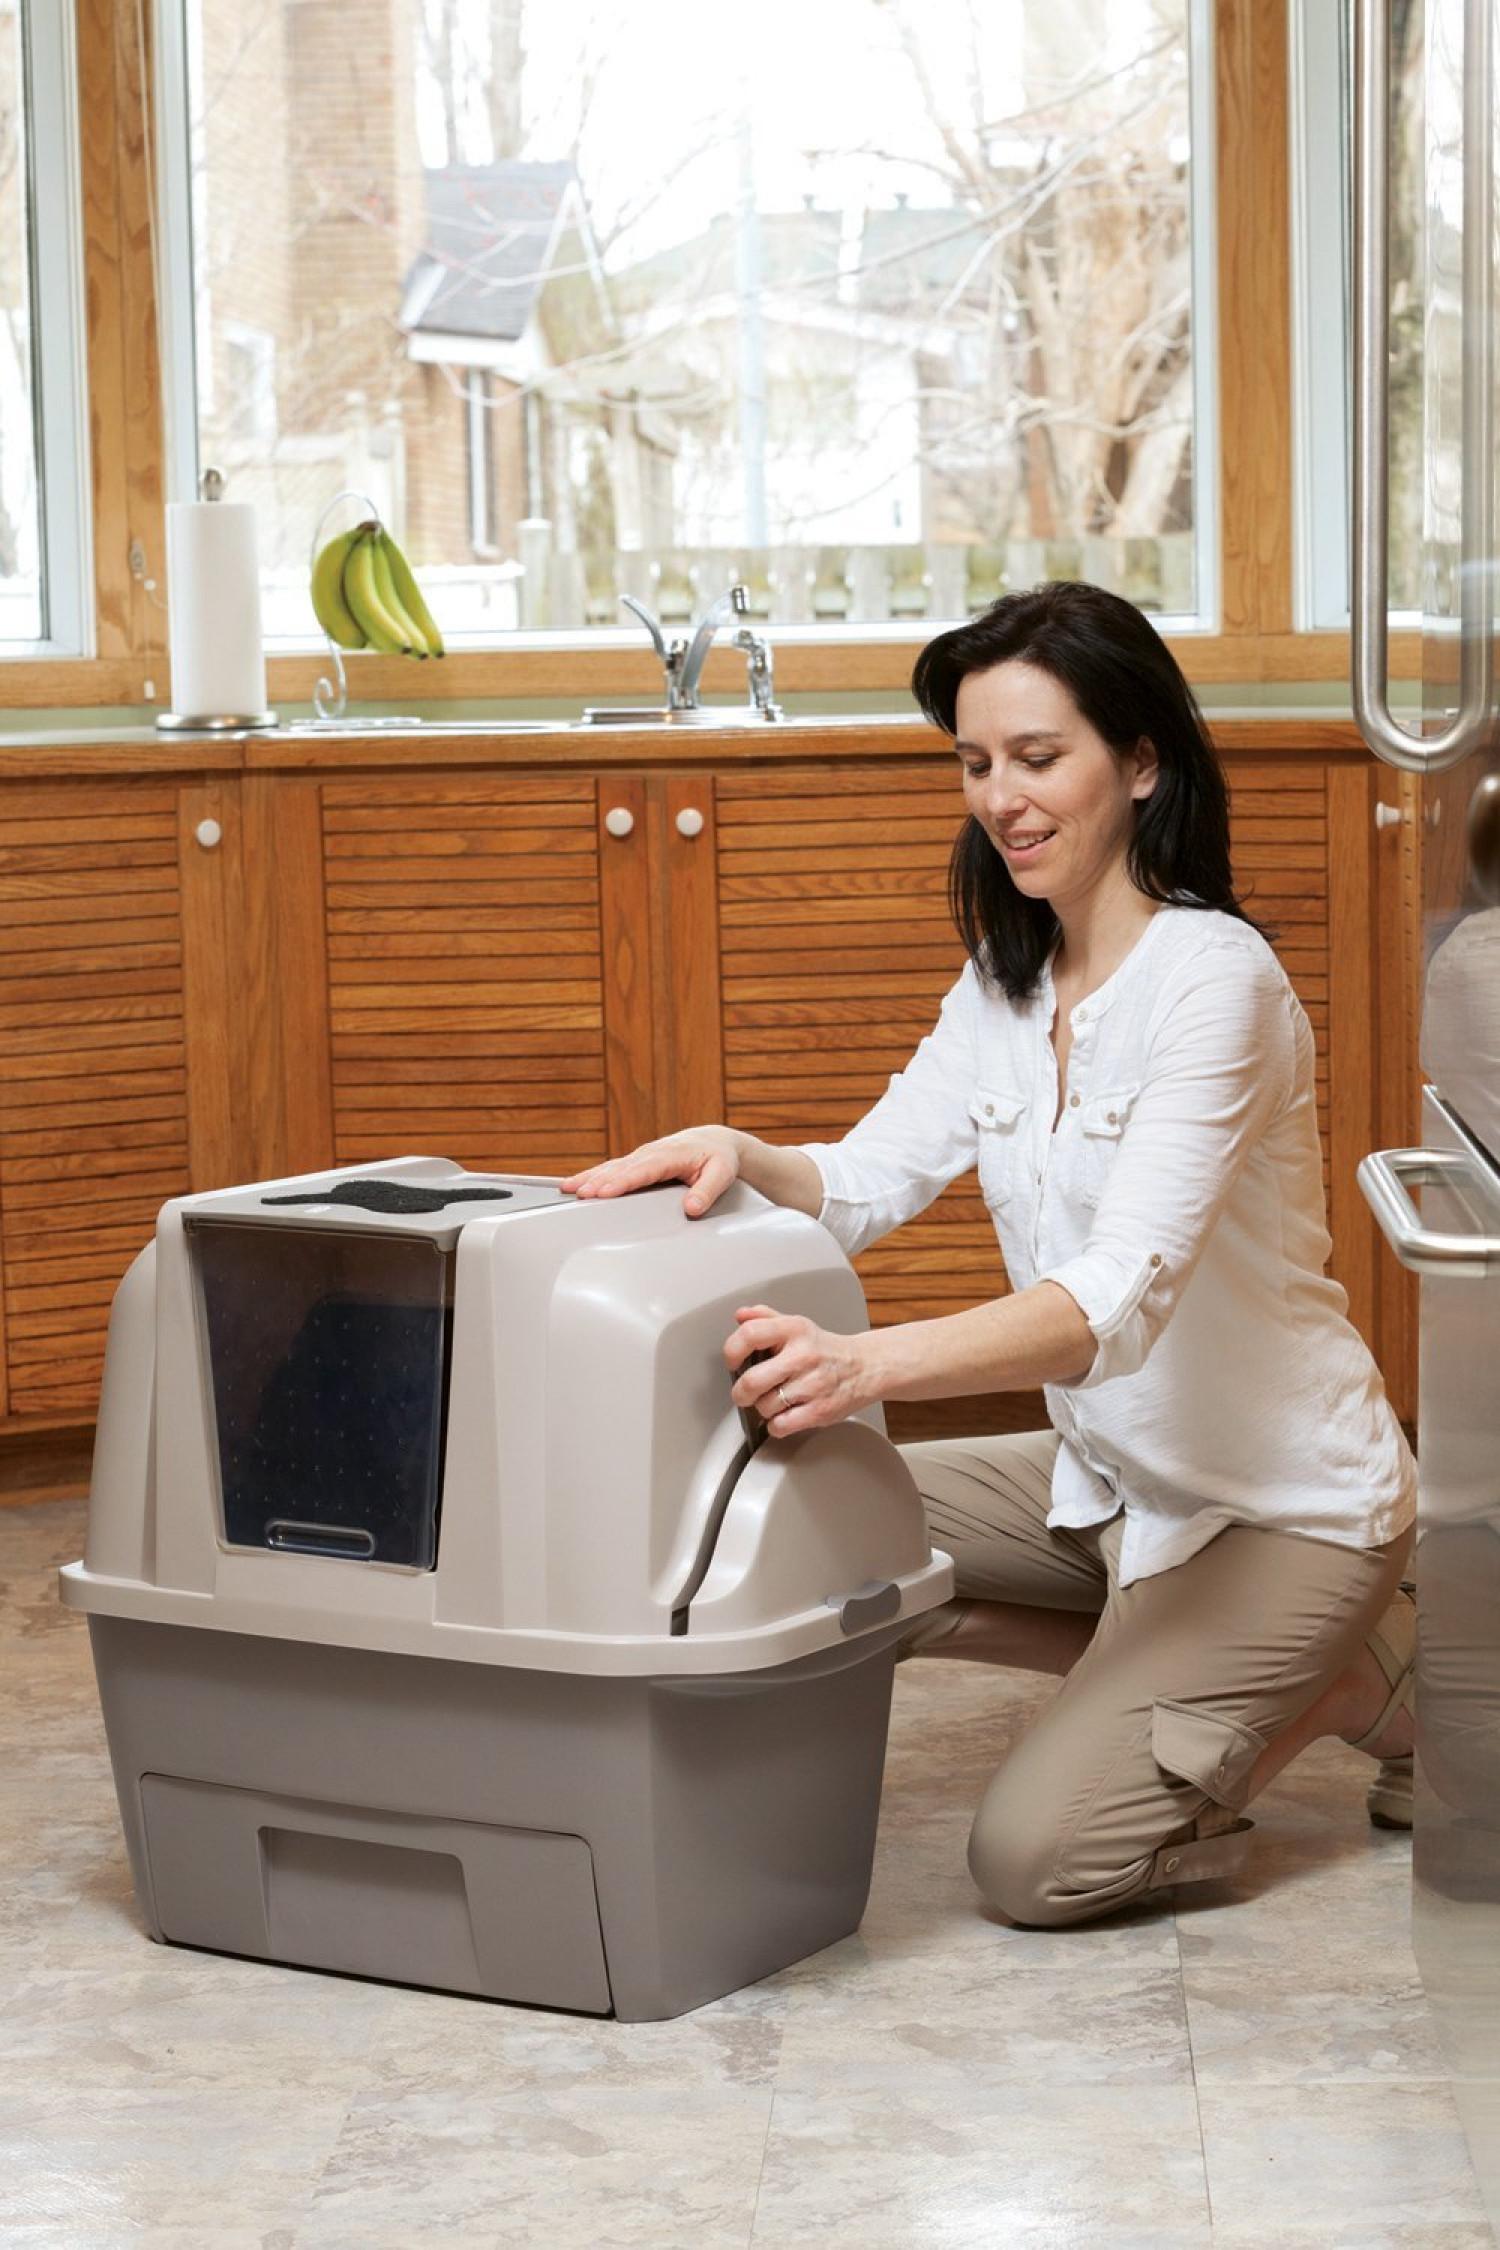 auto nettoyage chat liti re bac smart automatique pan couvercle couvert ebay. Black Bedroom Furniture Sets. Home Design Ideas